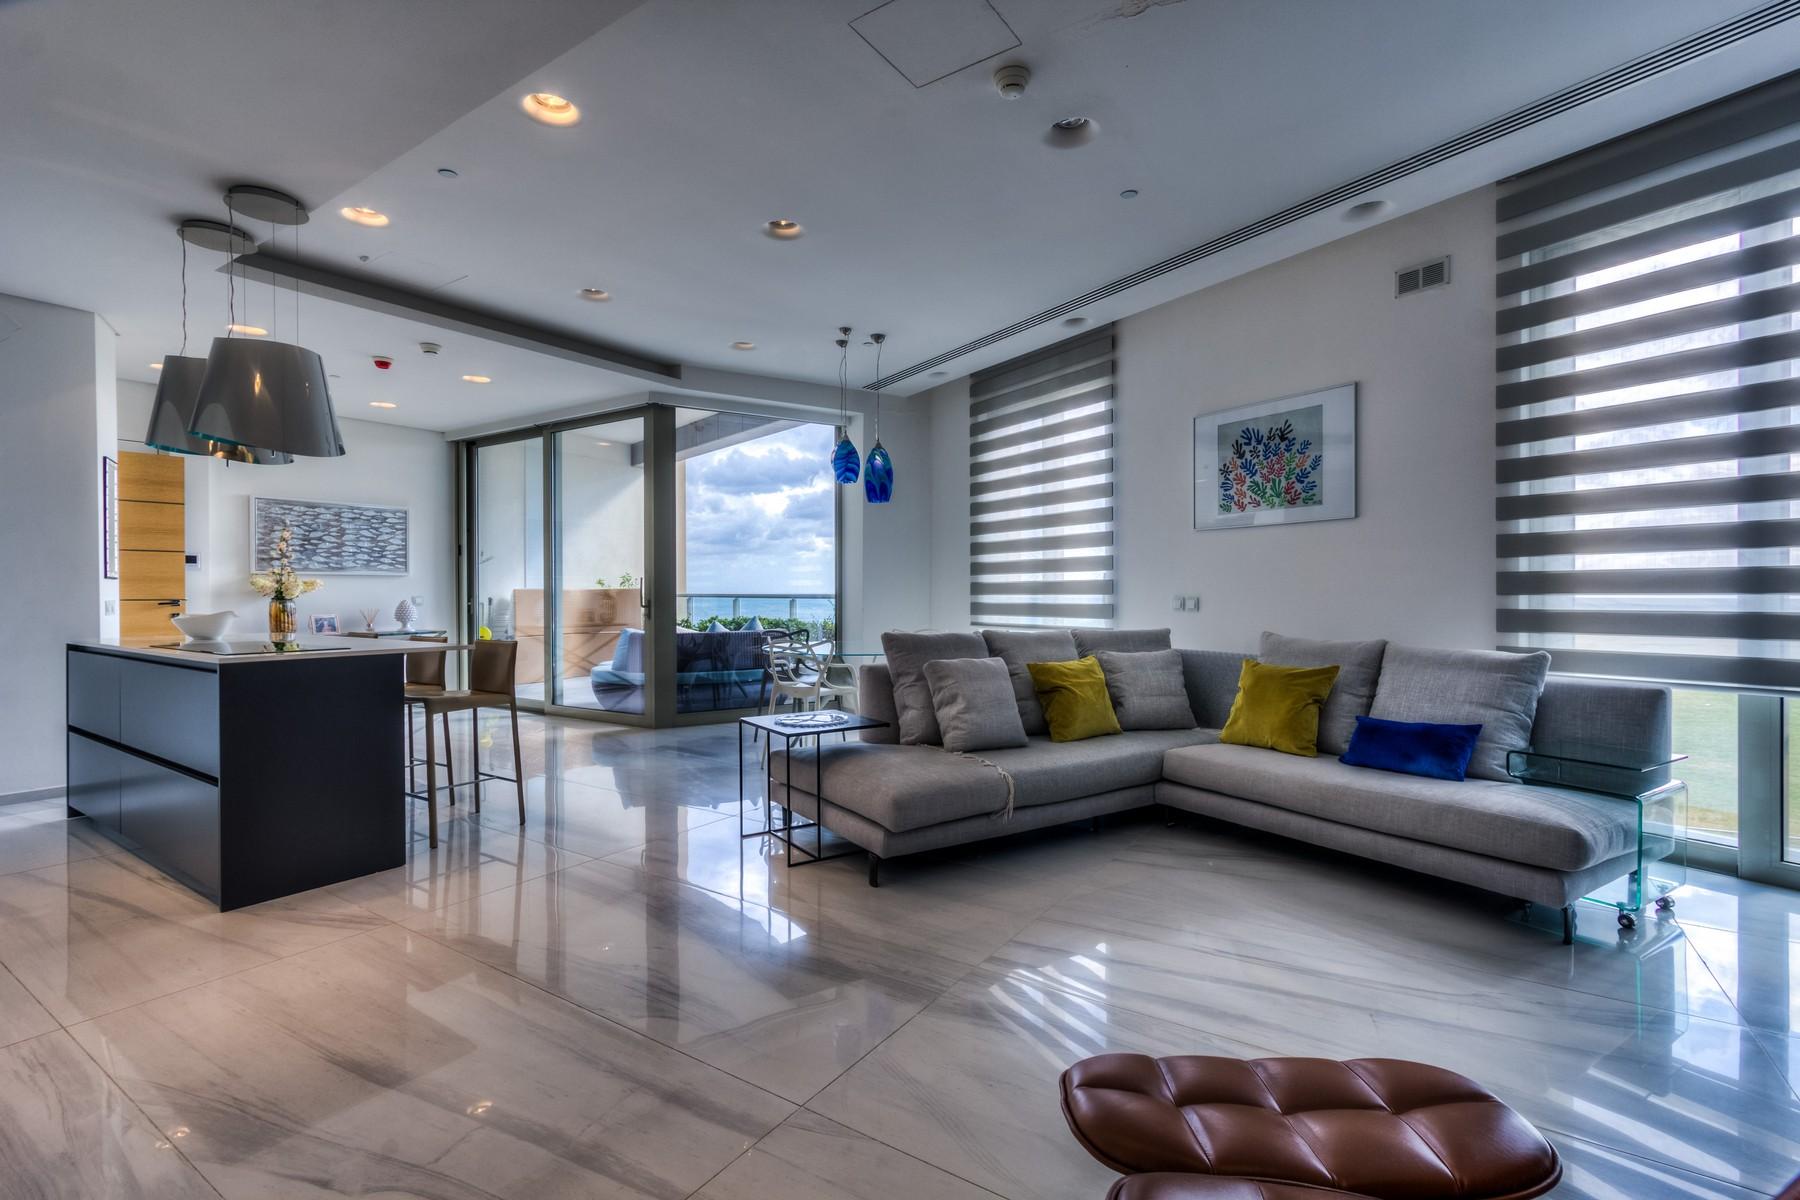 شقة للـ Rent في Sea View Apartment Tigne Point, Sliema, Malta